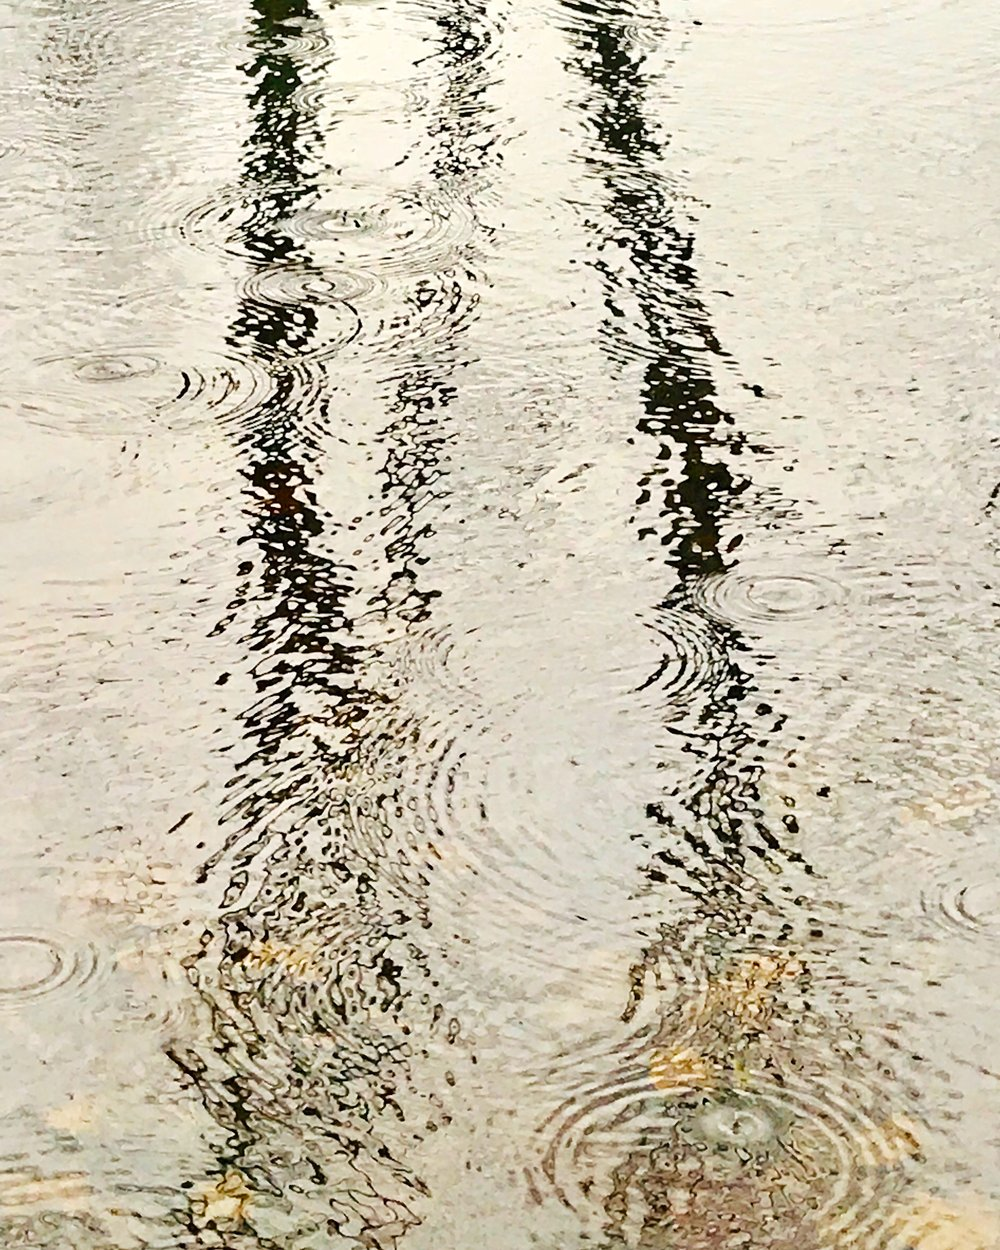 Charles River Rain